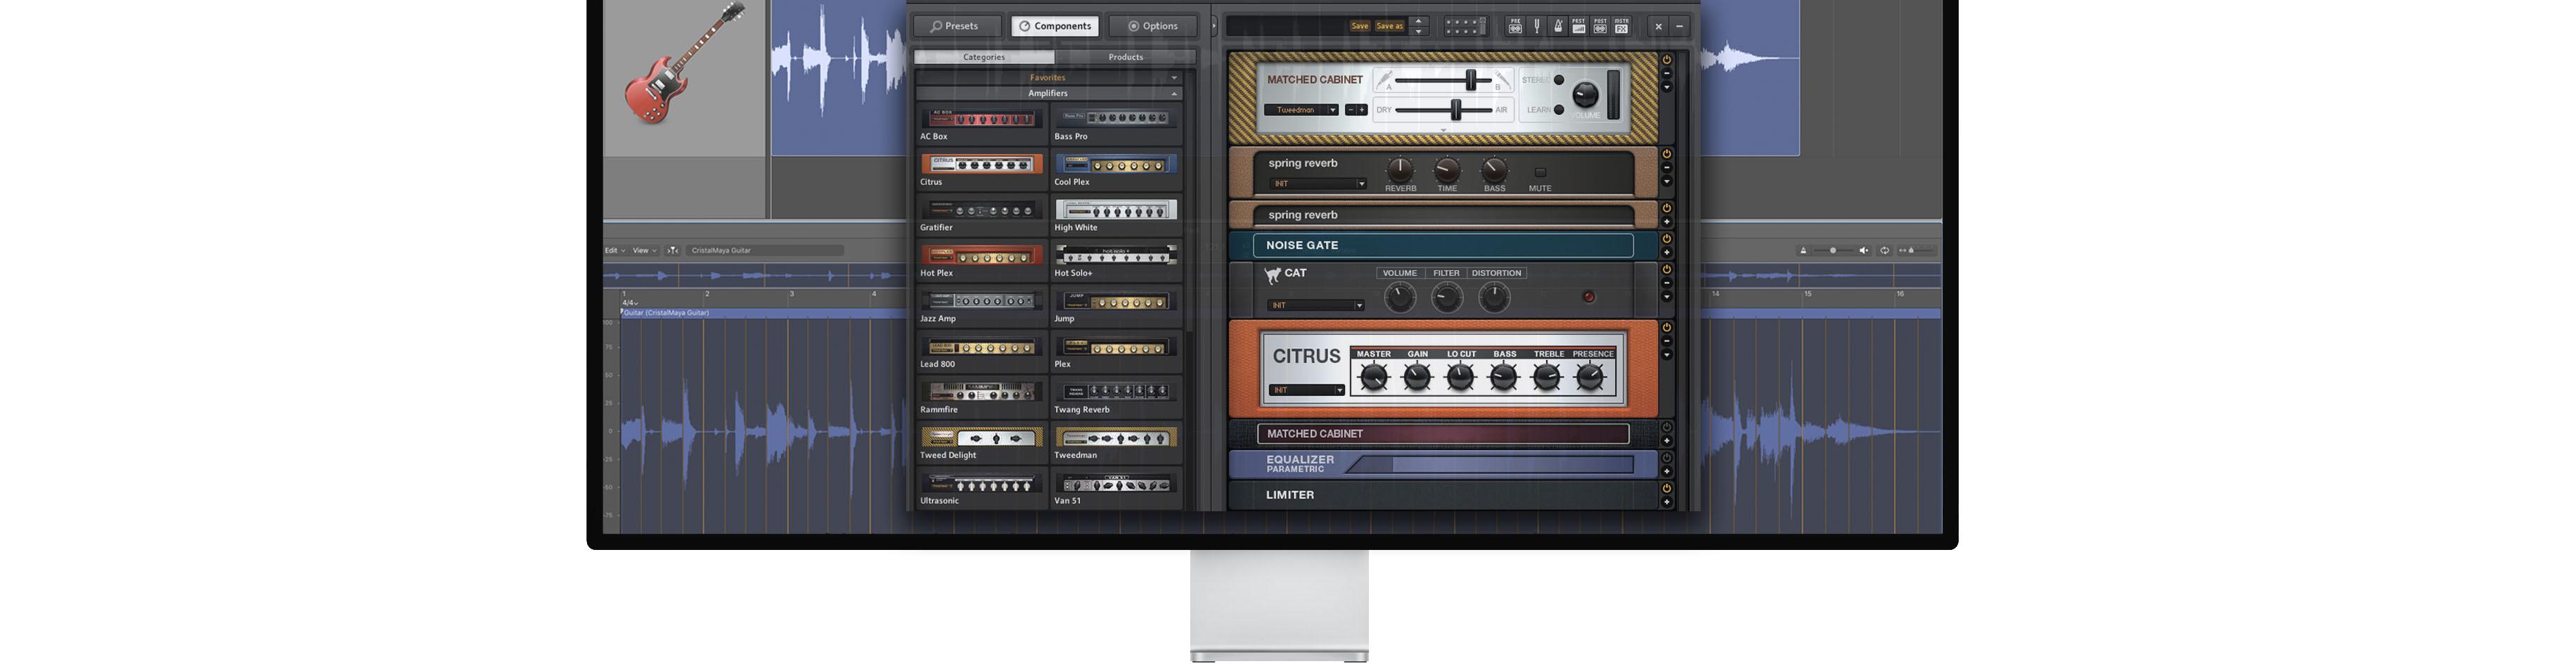 Guitar Amp-2046 47